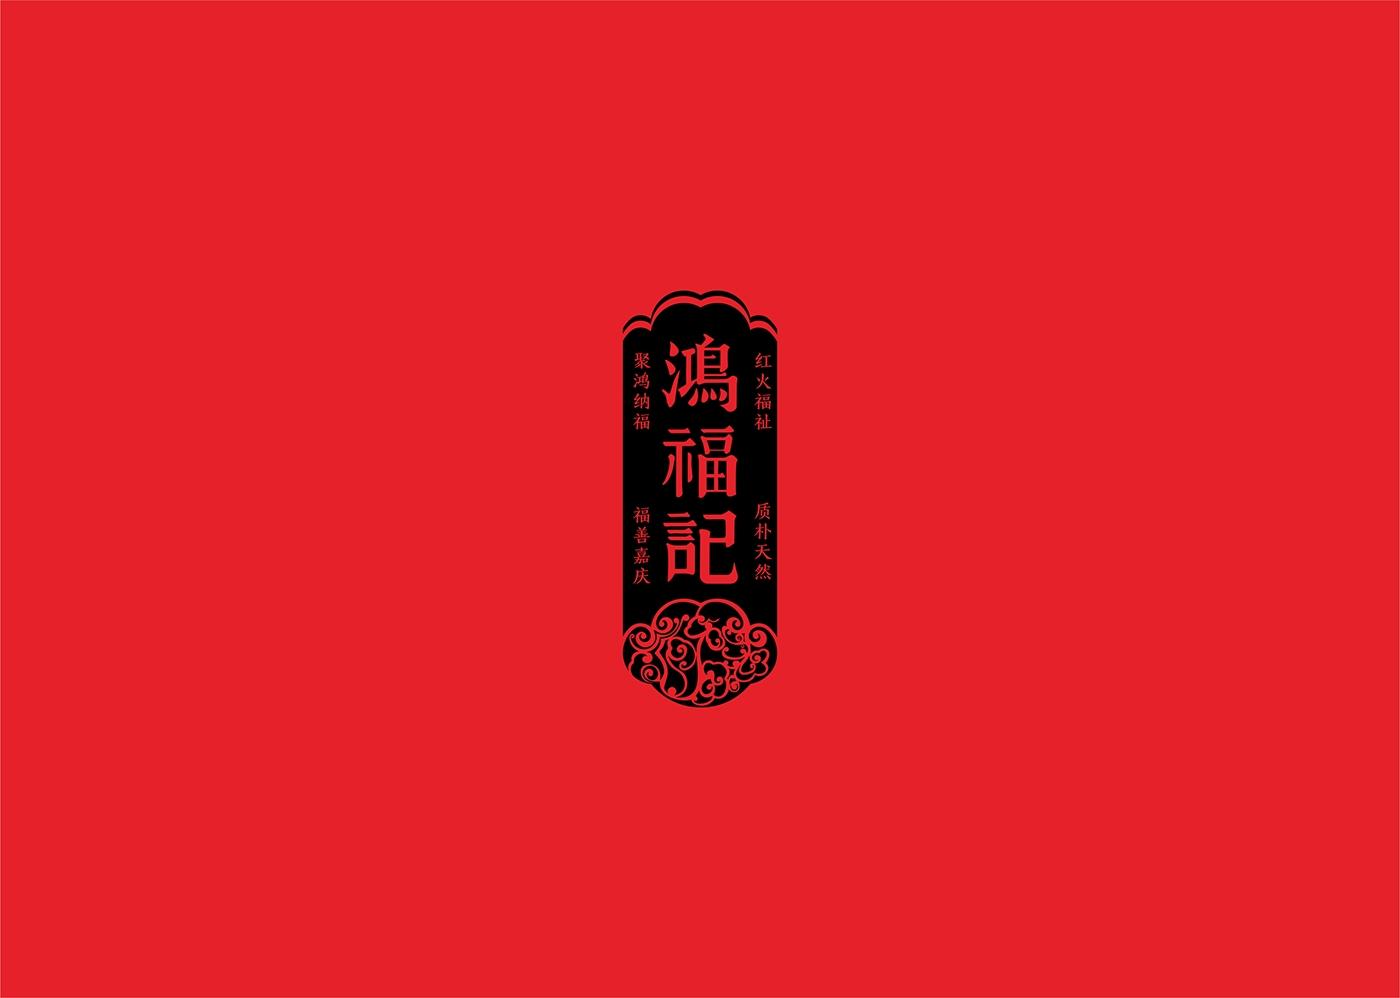 chai-kunpeng-hongfuji-branding-hisheji (1)